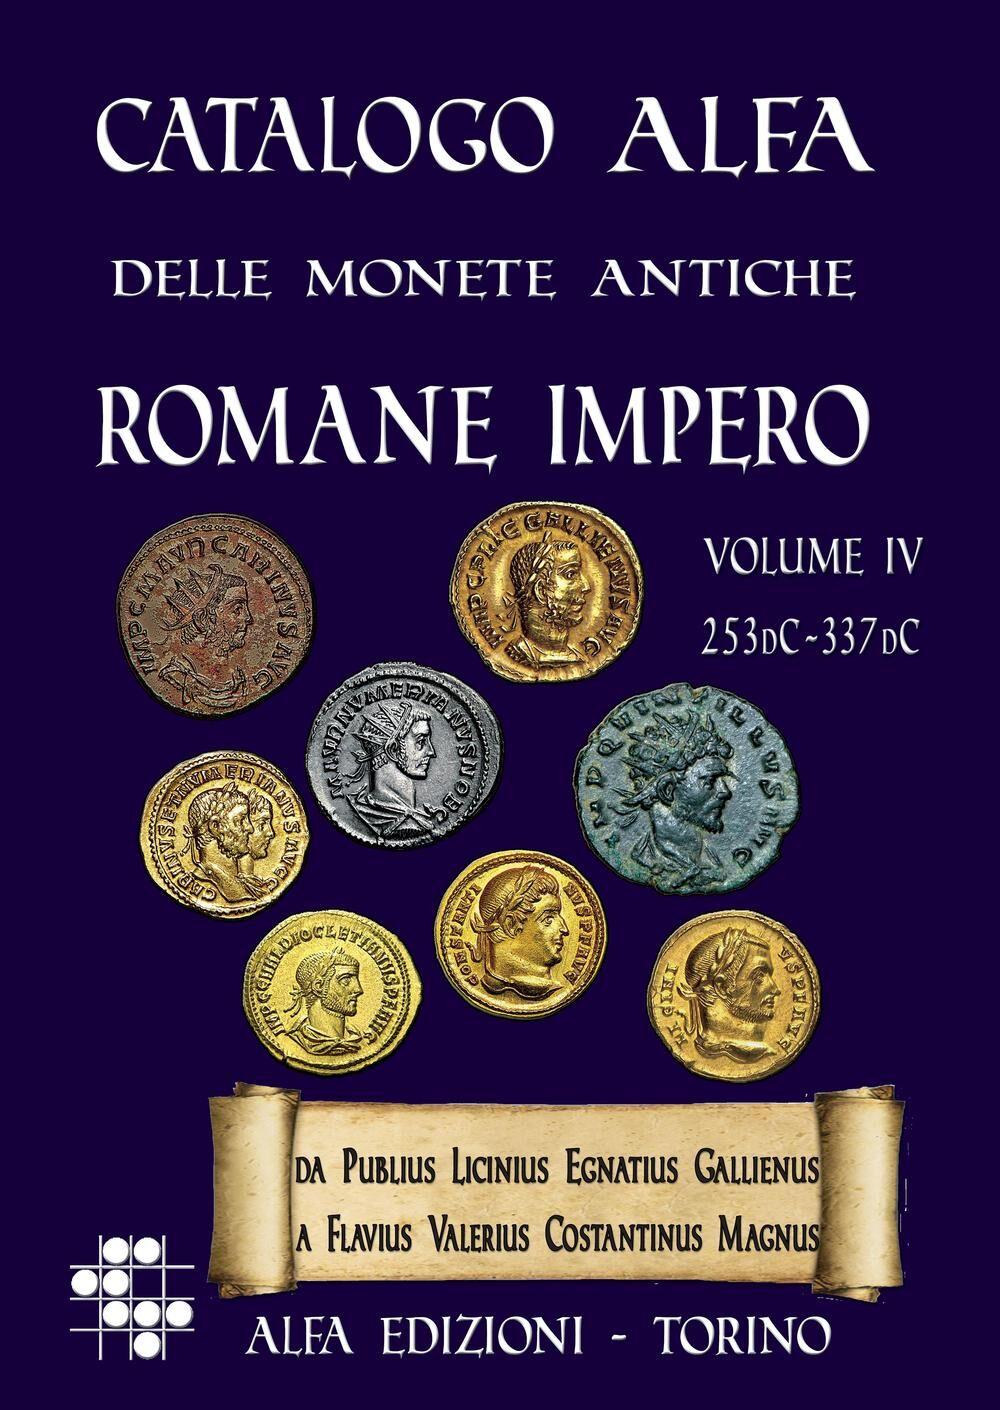 Catalogo Alfa delle monete antiche romane. Impero. Vol. 4: Catalogazione delle monete dell'impero romano da Gallieno a Costantino (253dc-337dc).